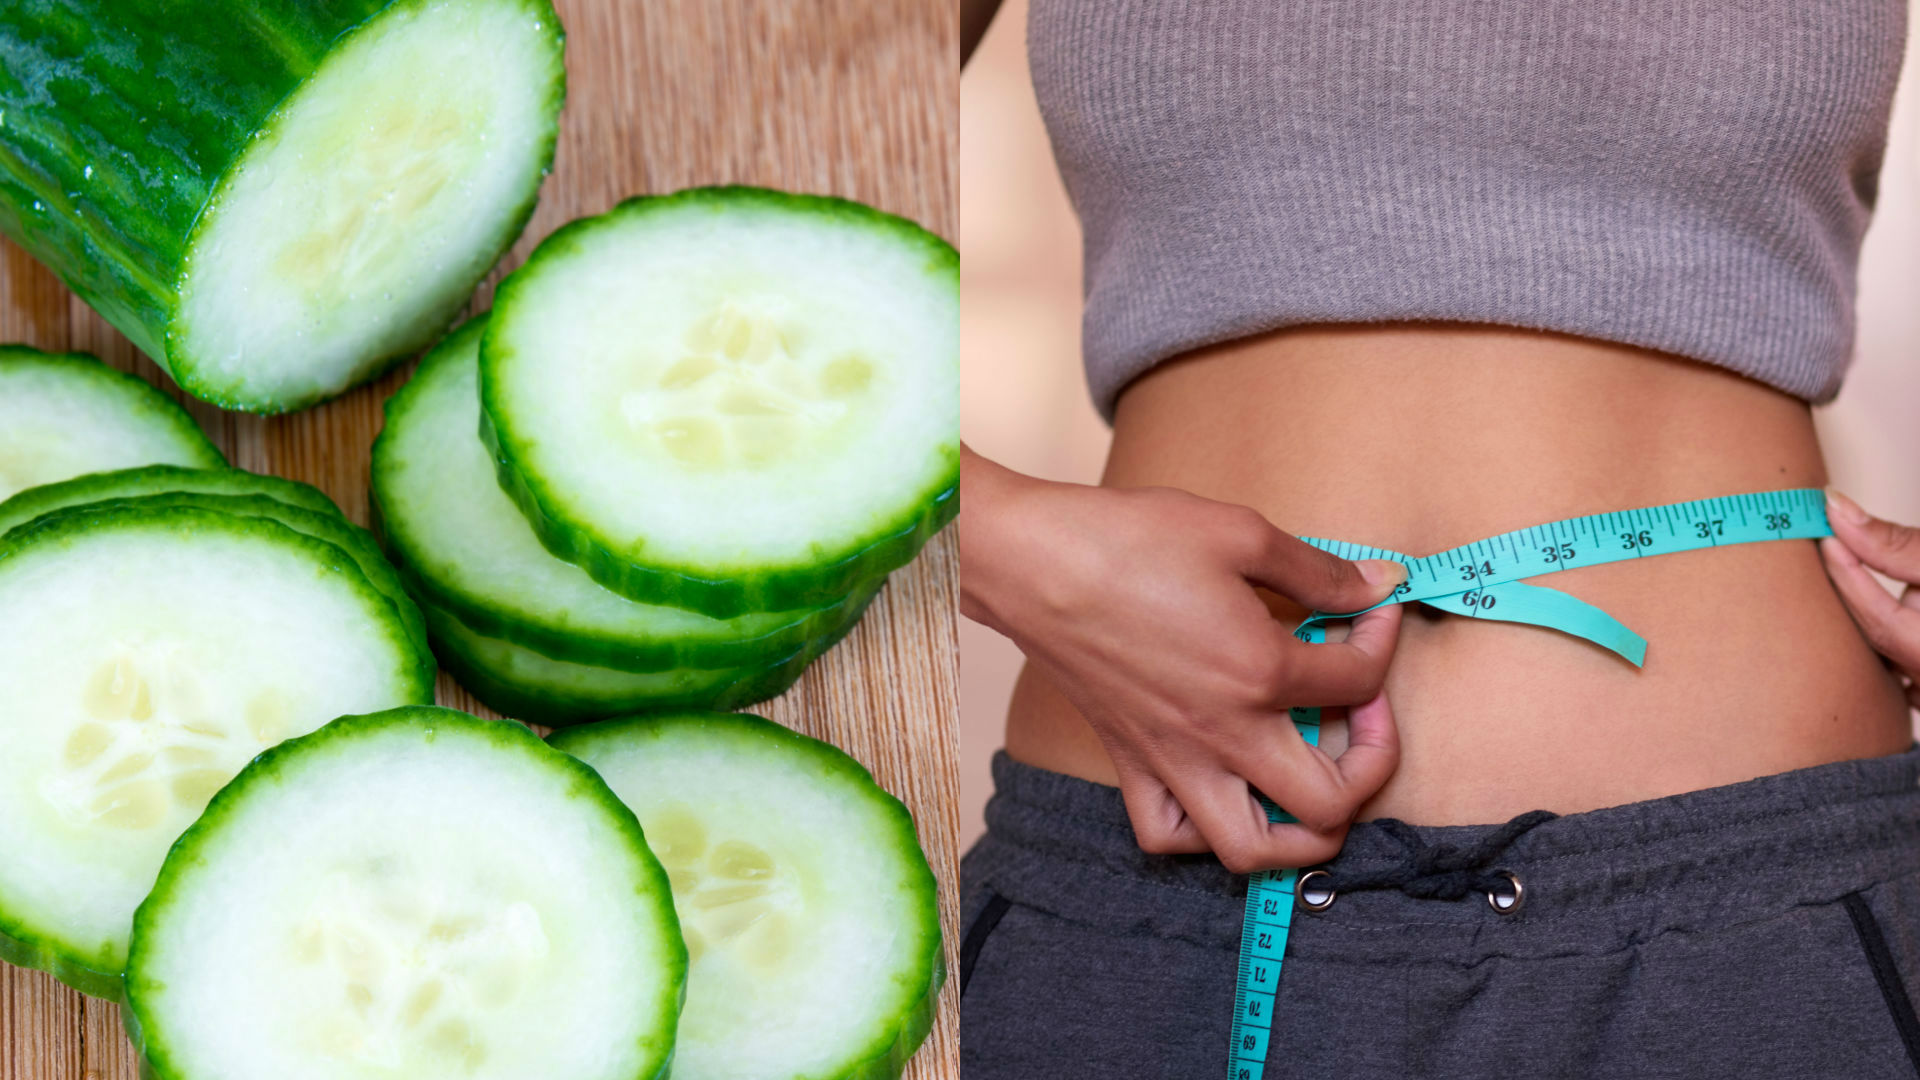 10 lbs en plan de dieta de 2 semanas